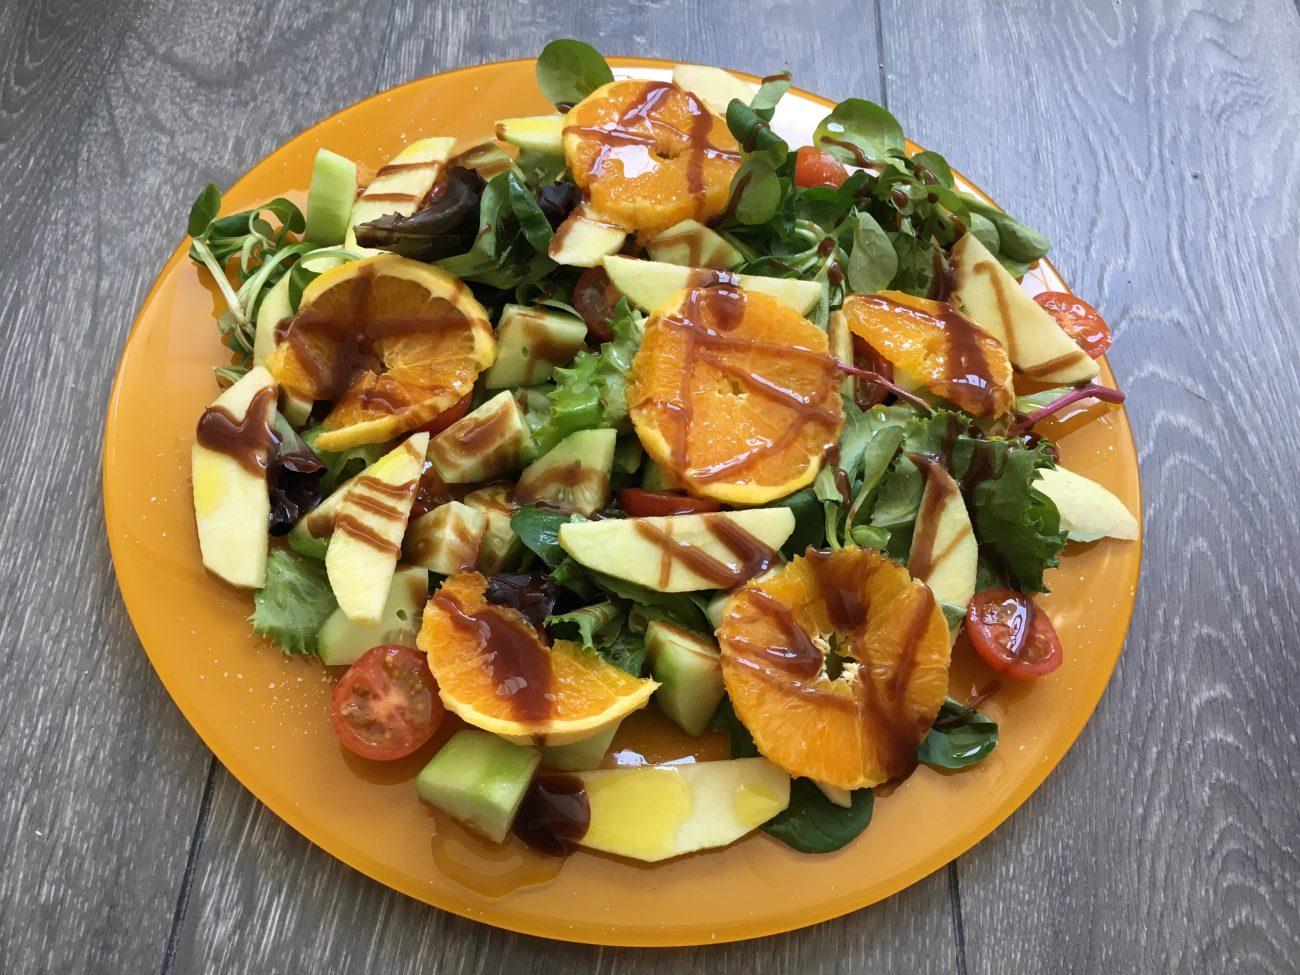 Ensalada de naranja y manzana con chocolate